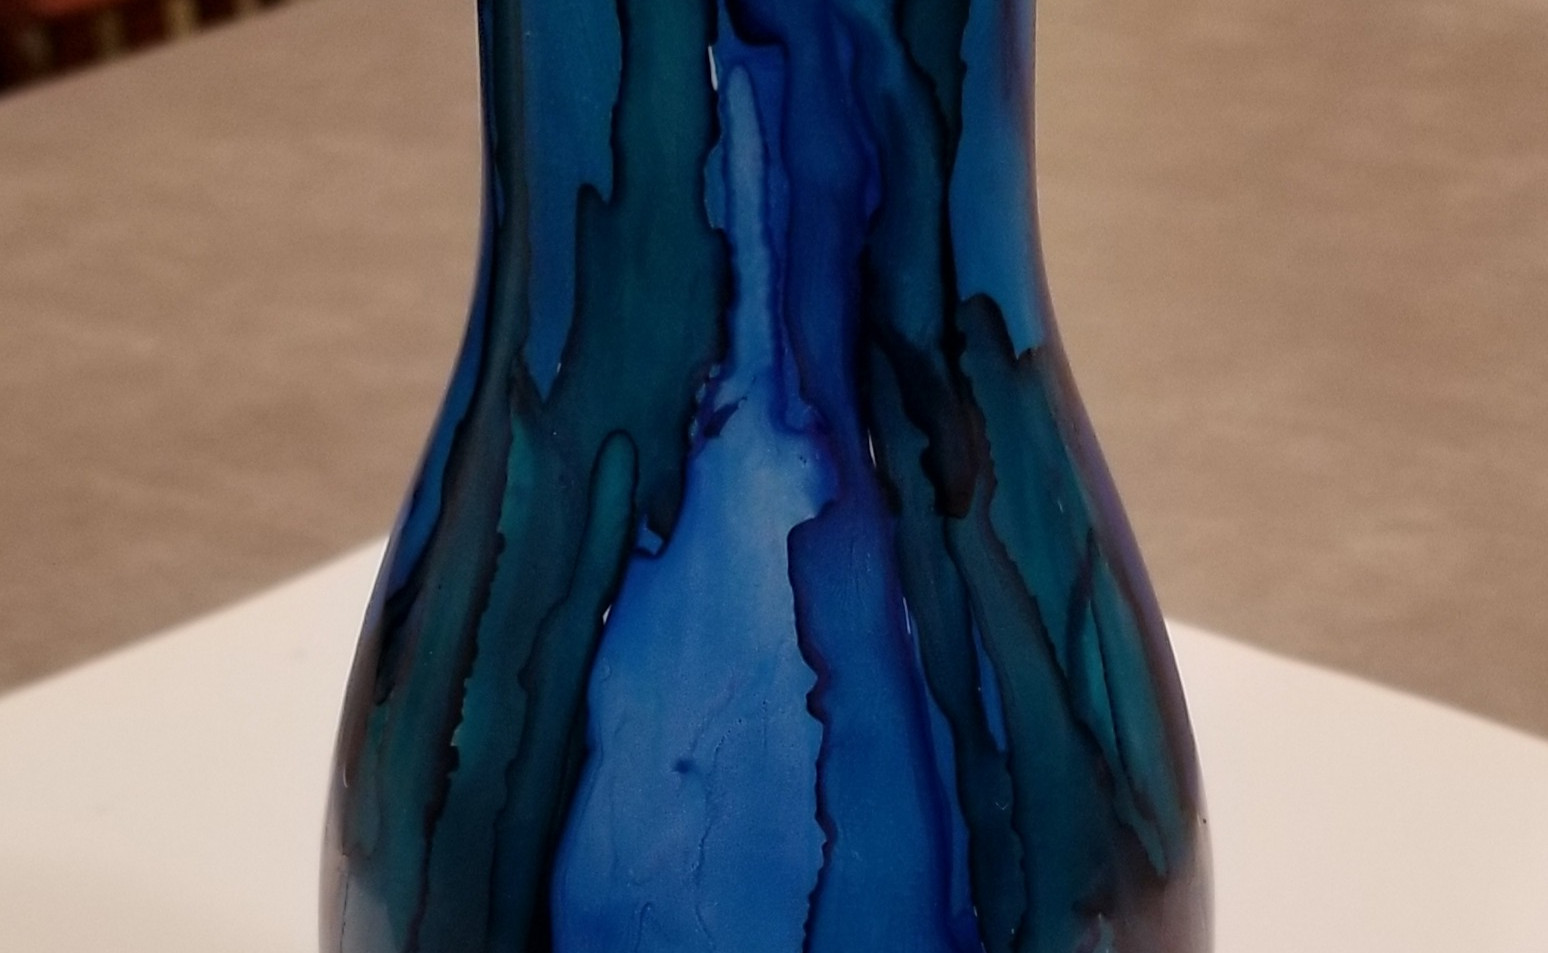 Artisan Blue vase